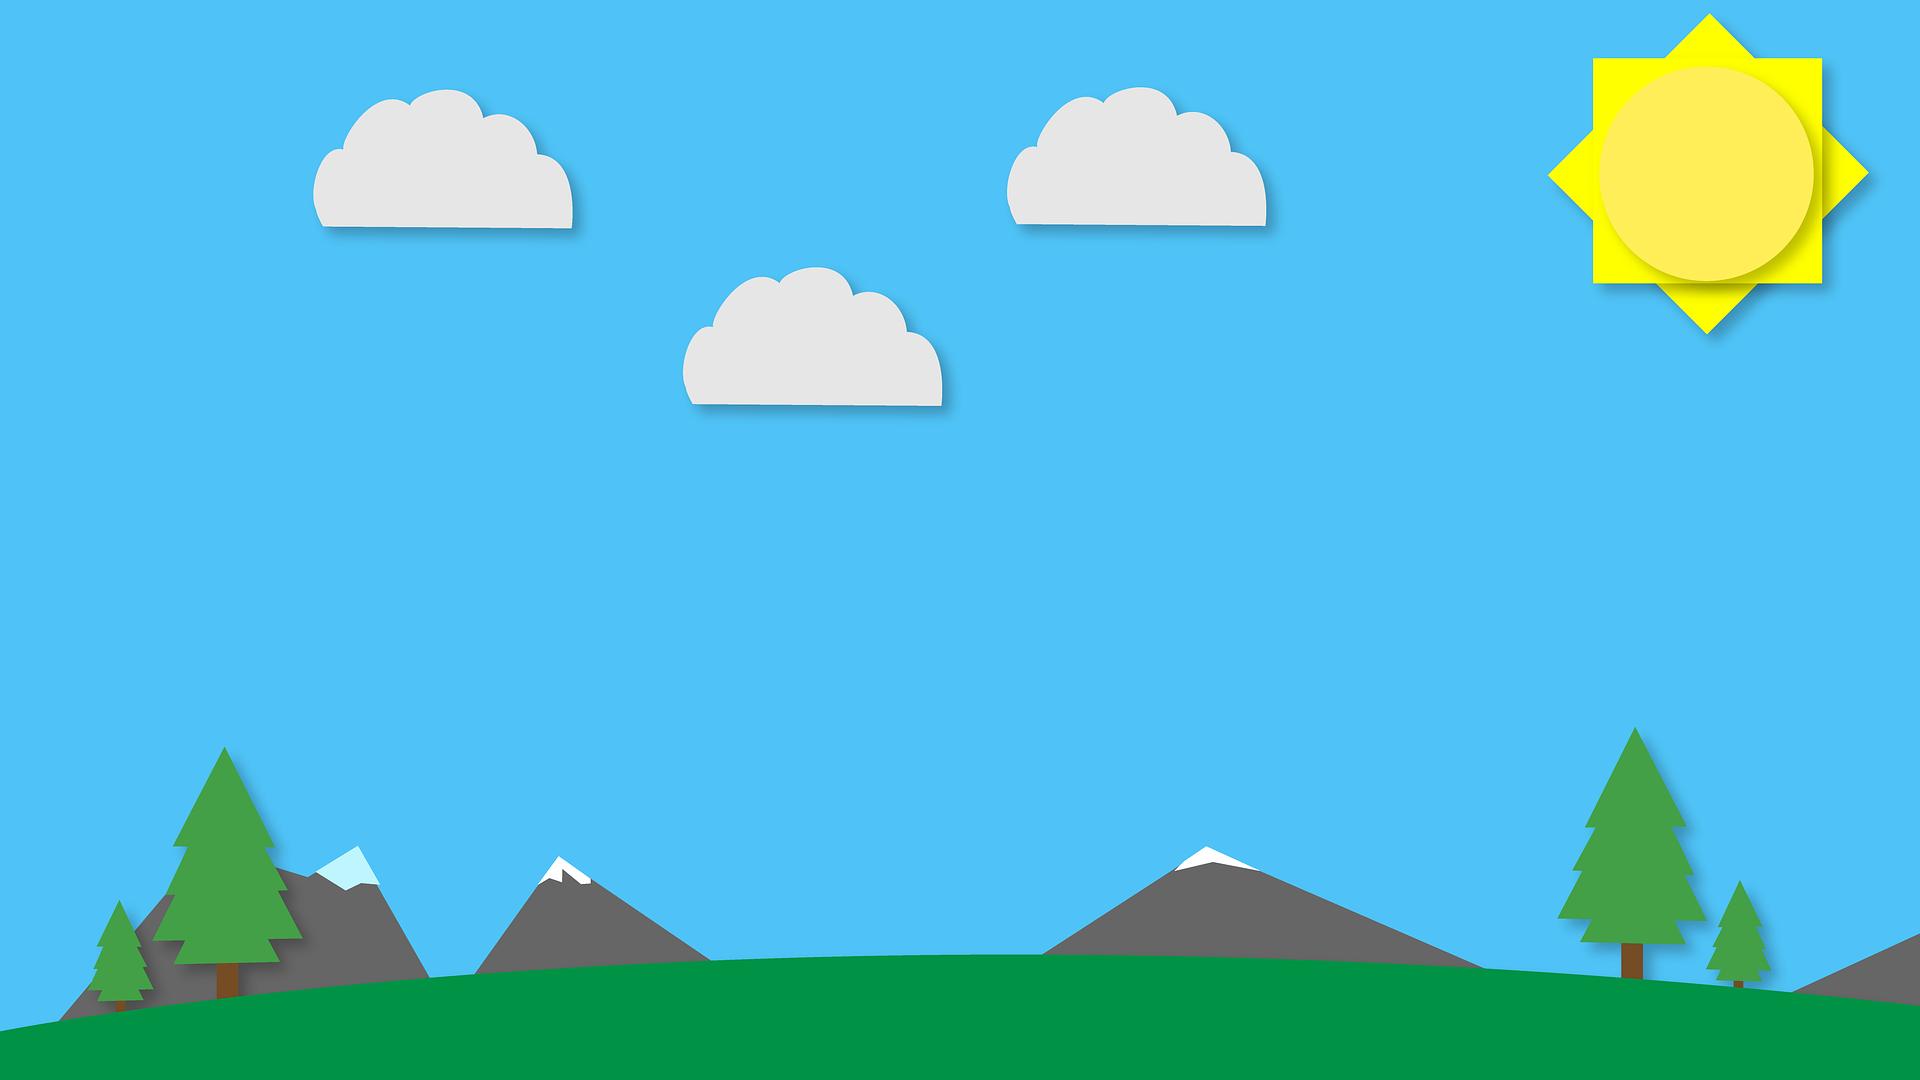 diseño plano, projeto liso, paisagem, nuvens, Sol, montanhas, ilustração - Papéis de parede HD - Professor-falken.com